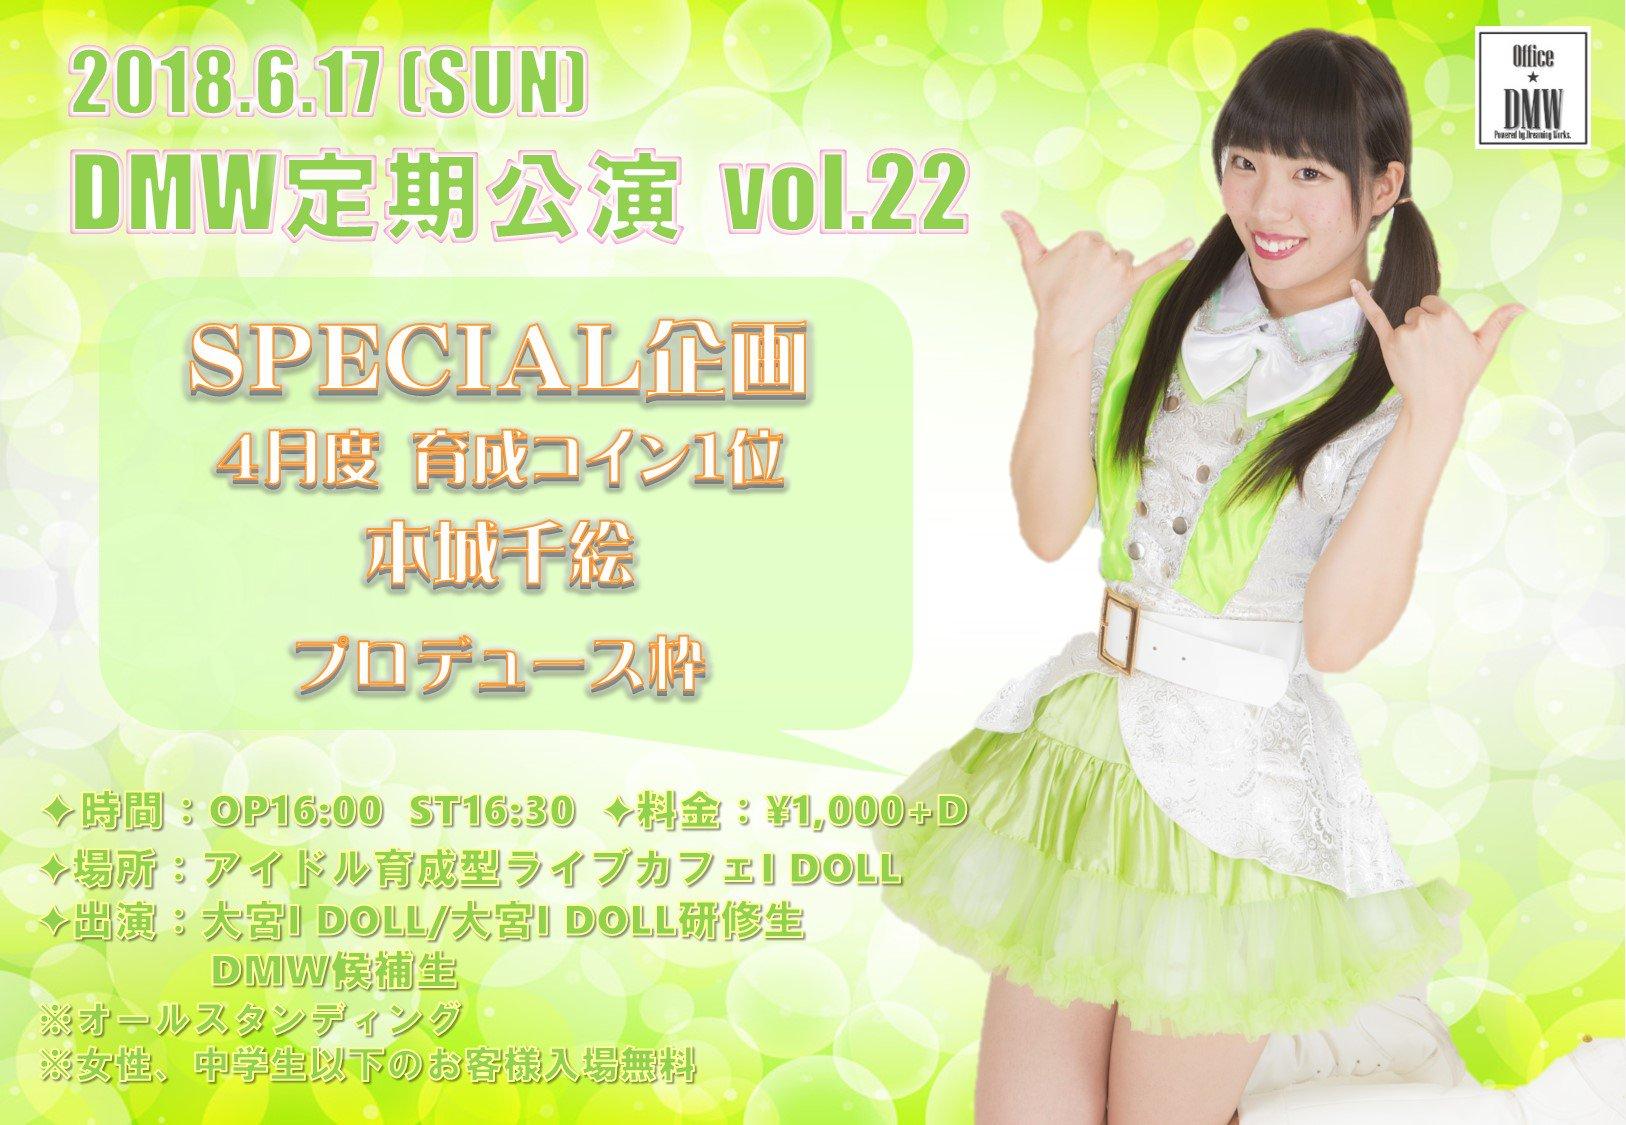 idoll_omiya_2018-6月-11